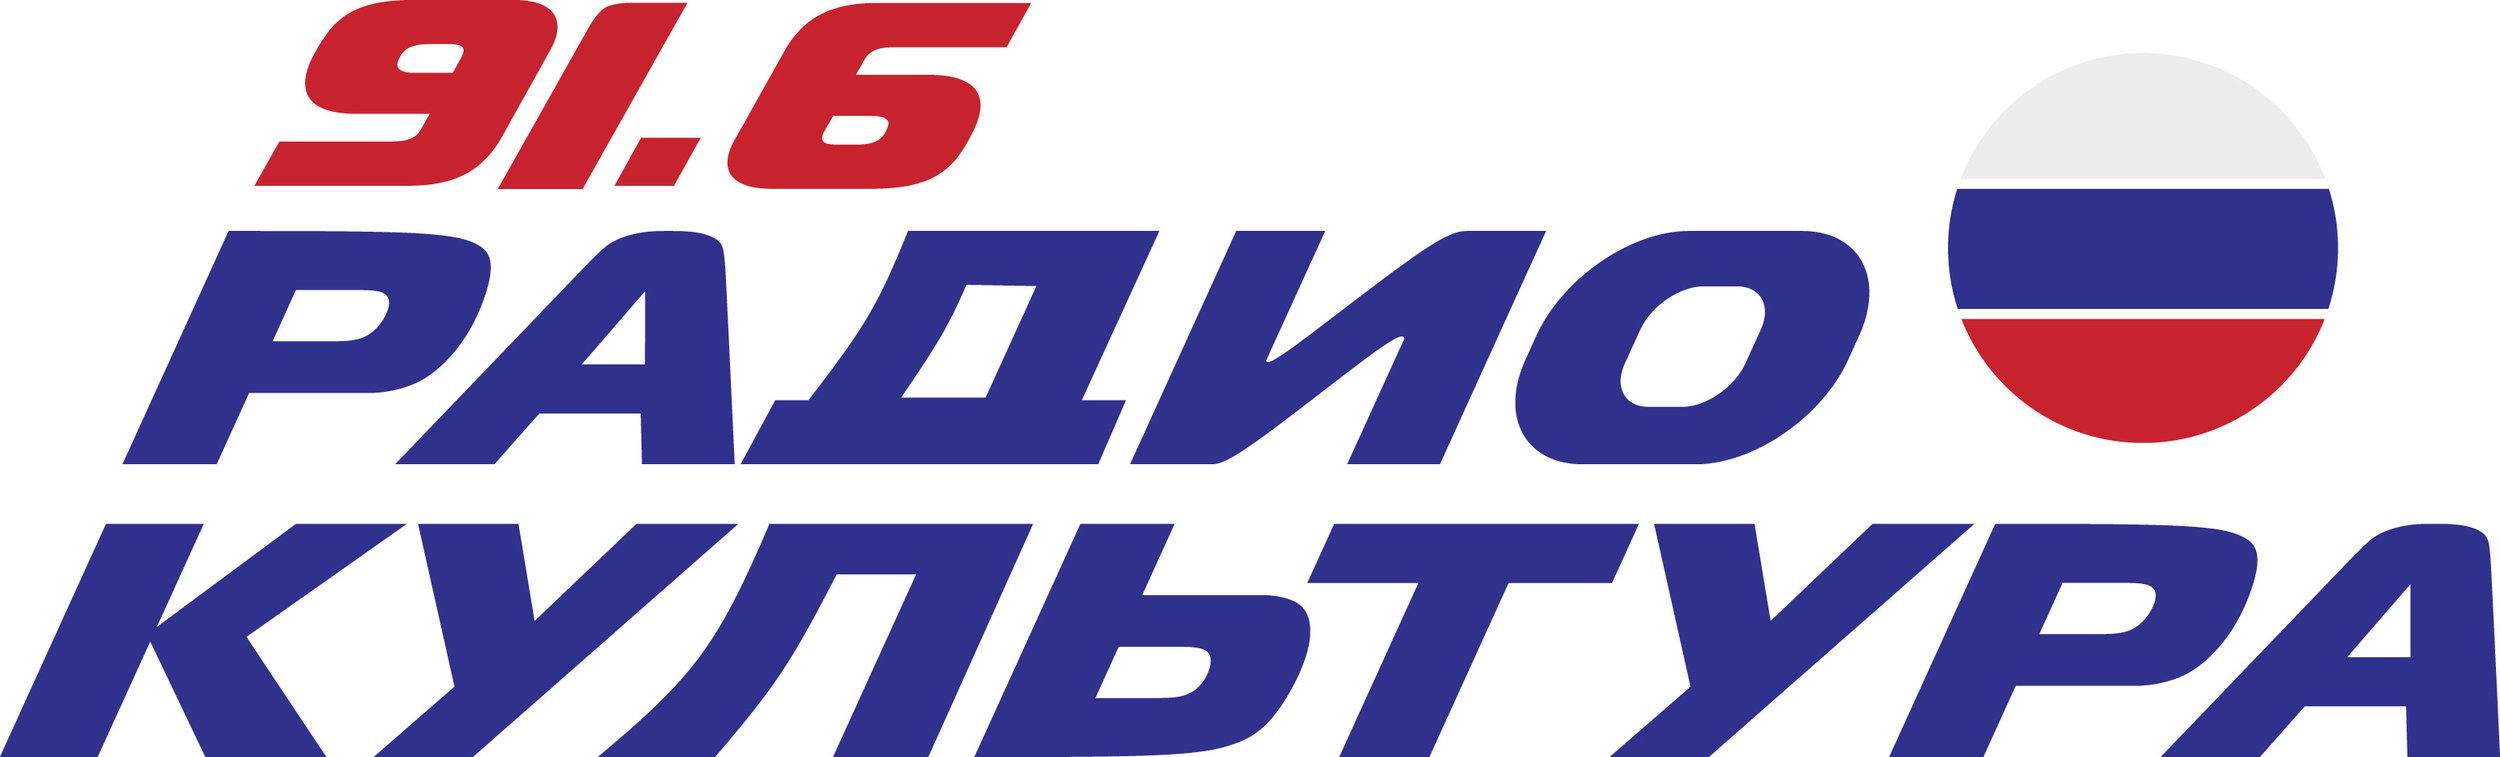 Радио_Культура.jpg